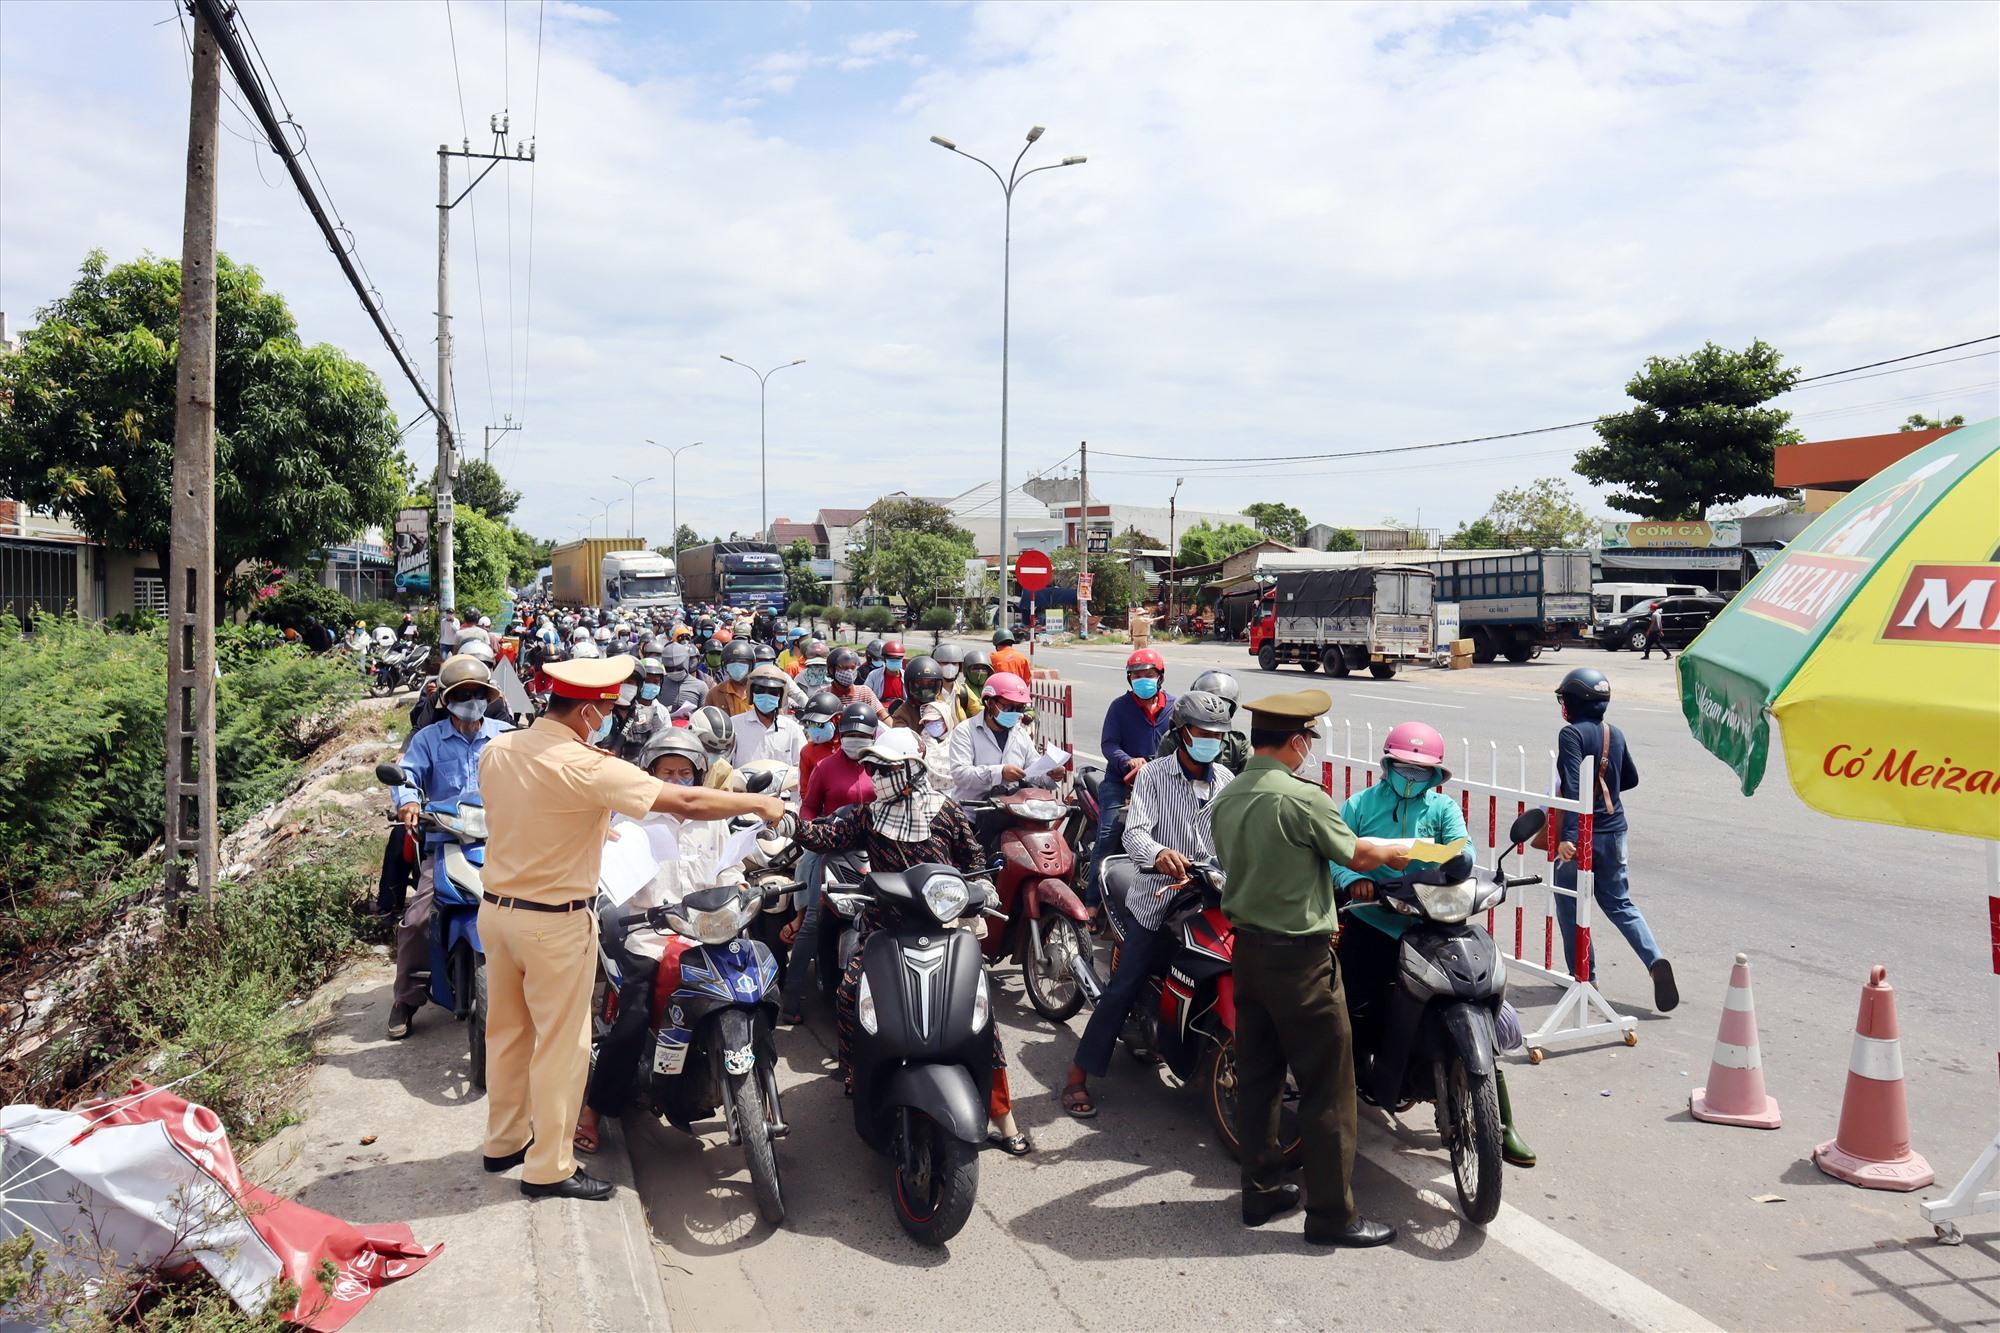 Người dân ùn ùn rời Đà Nẵng khiến các chốt chặn phải căng mình kiểm soát trước thời điểm 12 giờ trưa 22.7. Ảnh: C.T